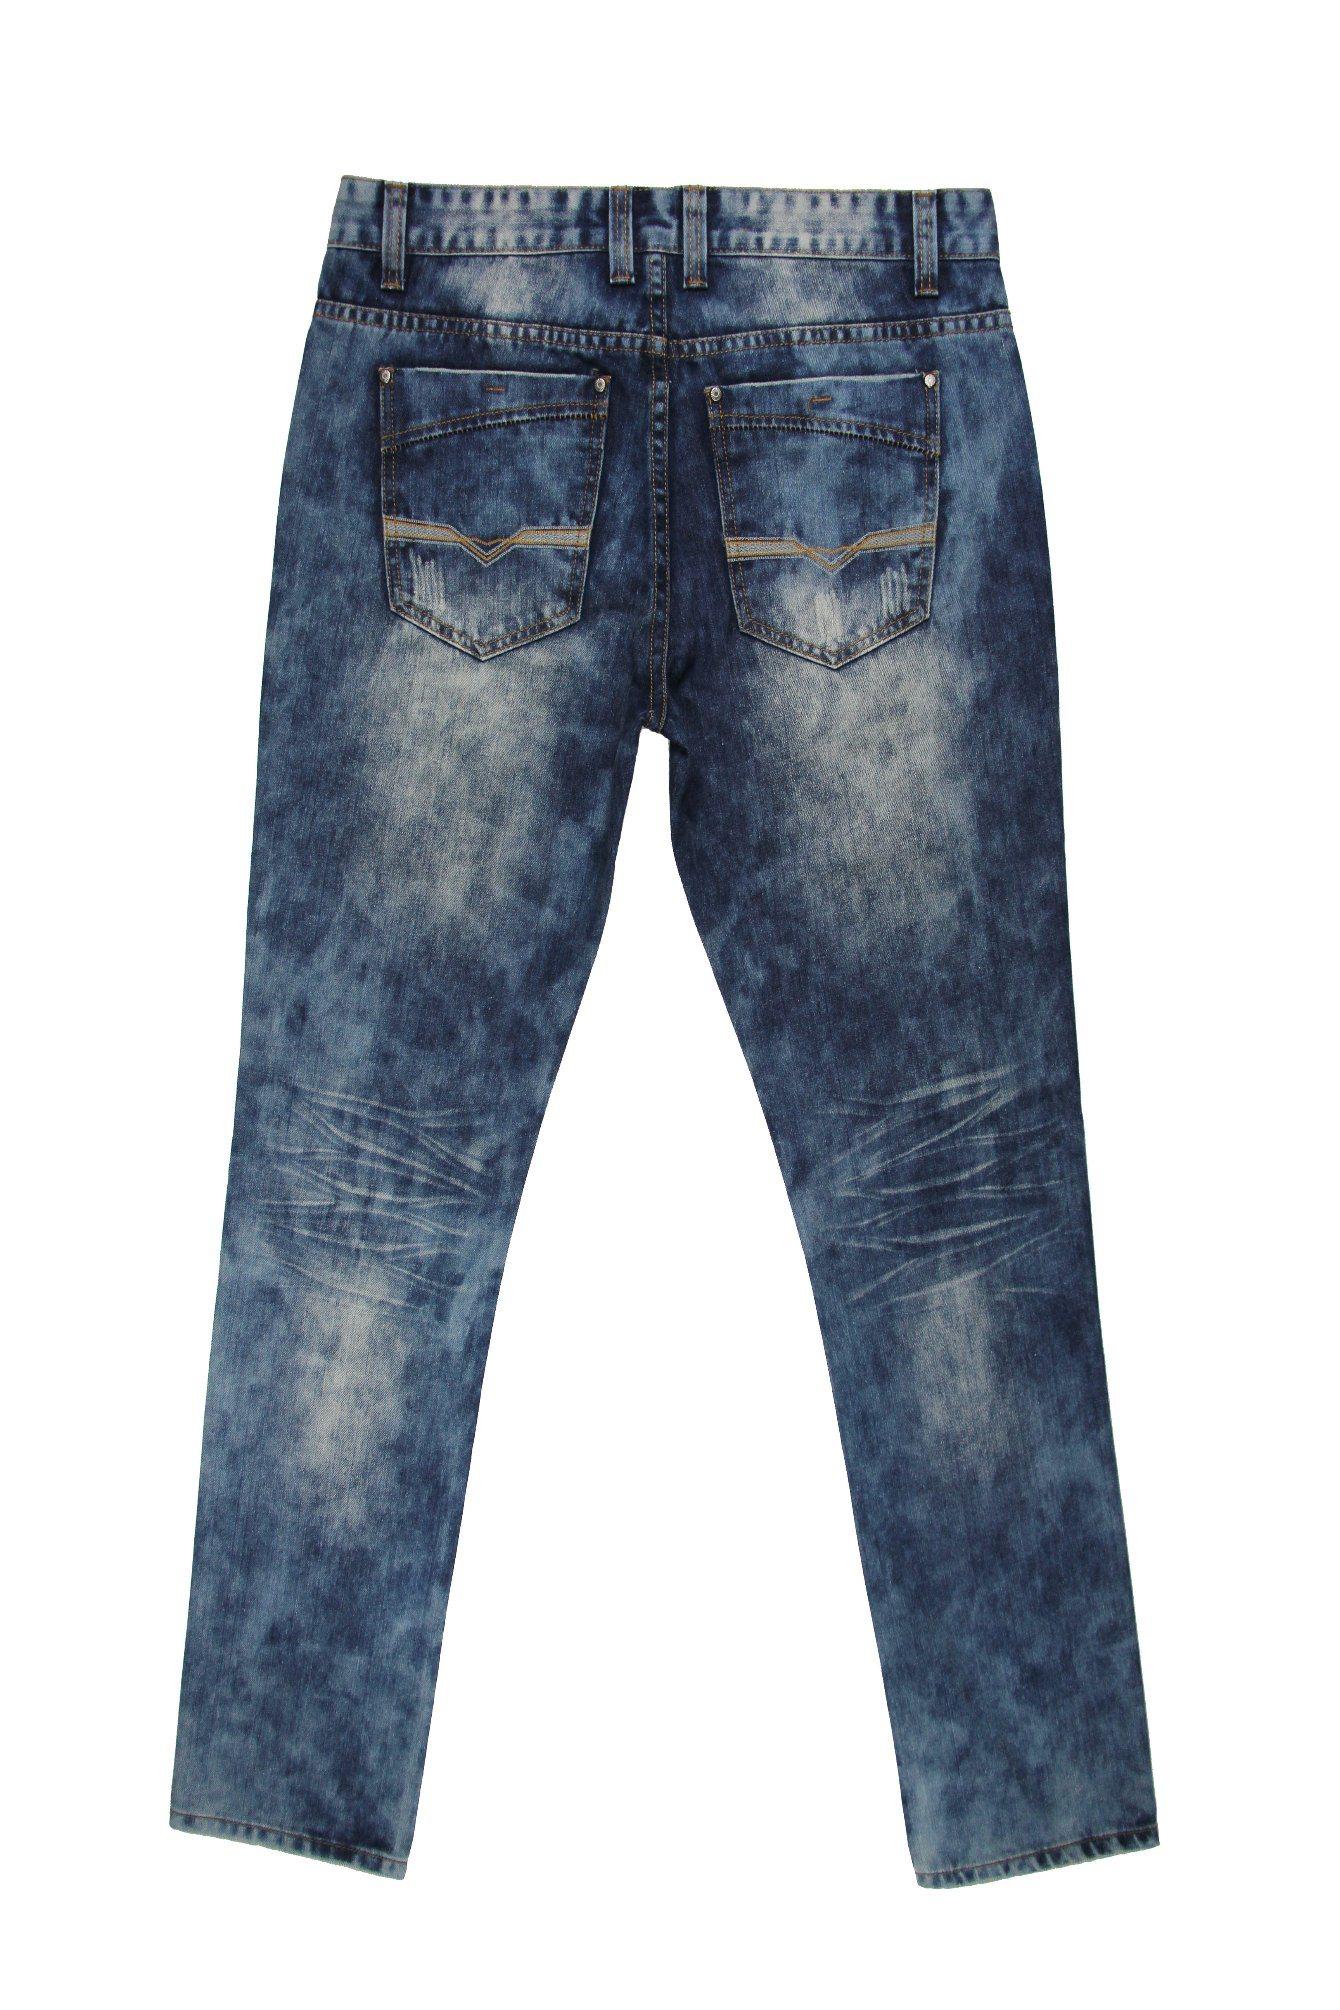 Top Sale Latest Design 2017 Summer Men′s Jeans (MYX10)